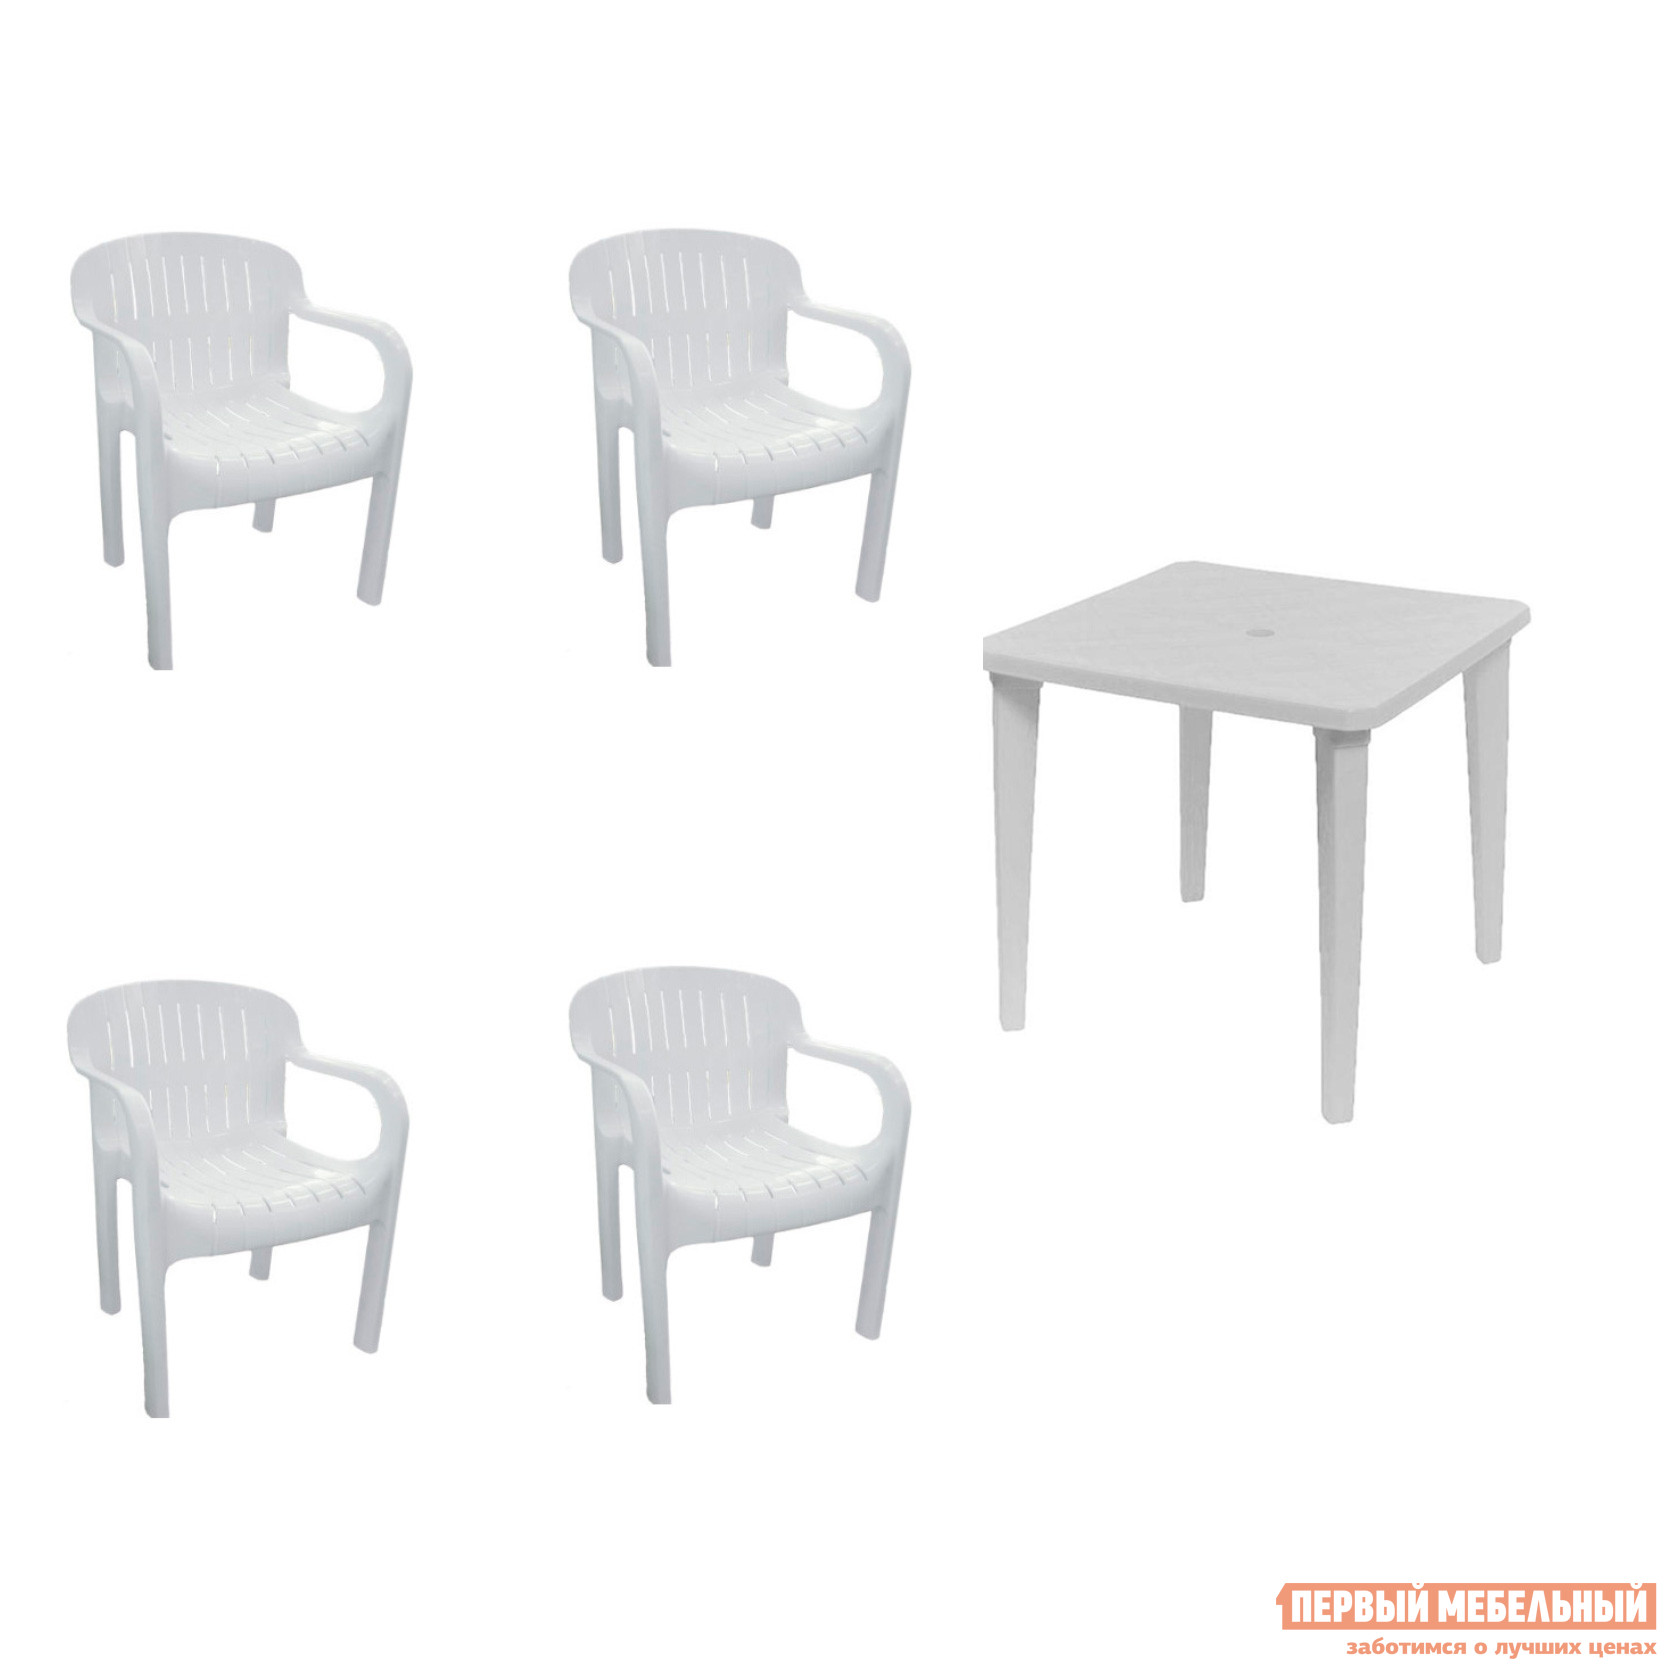 Набор пластиковой мебели Стандарт Пластик Стол квадратный (800х800х710)+Кресло №4 «Летнее» (610х480х810)мм, 4 шт. БелыйНаборы пластиковой мебели<br>Габаритные размеры ВхШхГ xx мм. Такой набор пластиковой мебели станет замечательным дополнением дачного участка, летнего кафе или мероприятия на открытом воздухе.  Практичный и удобный вариант, выручающий в любой ситуации. Размеры элементов:Стол квадратный: 710 Х 800 Х 800 мм, вес 3,98 кг; Кресла, 4 шт. : 810 Х 610 Х 480 мм, вес 4,6 кг. Кресла поставляются в собранном виде.  Стол разобран – для сборки стола необходимо вкрутить ножки в столешницу.<br><br>Цвет: Белый<br>Цвет: Белый<br>Кол-во упаковок: 5<br>Форма поставки: В разобранном виде<br>Срок гарантии: 1 год